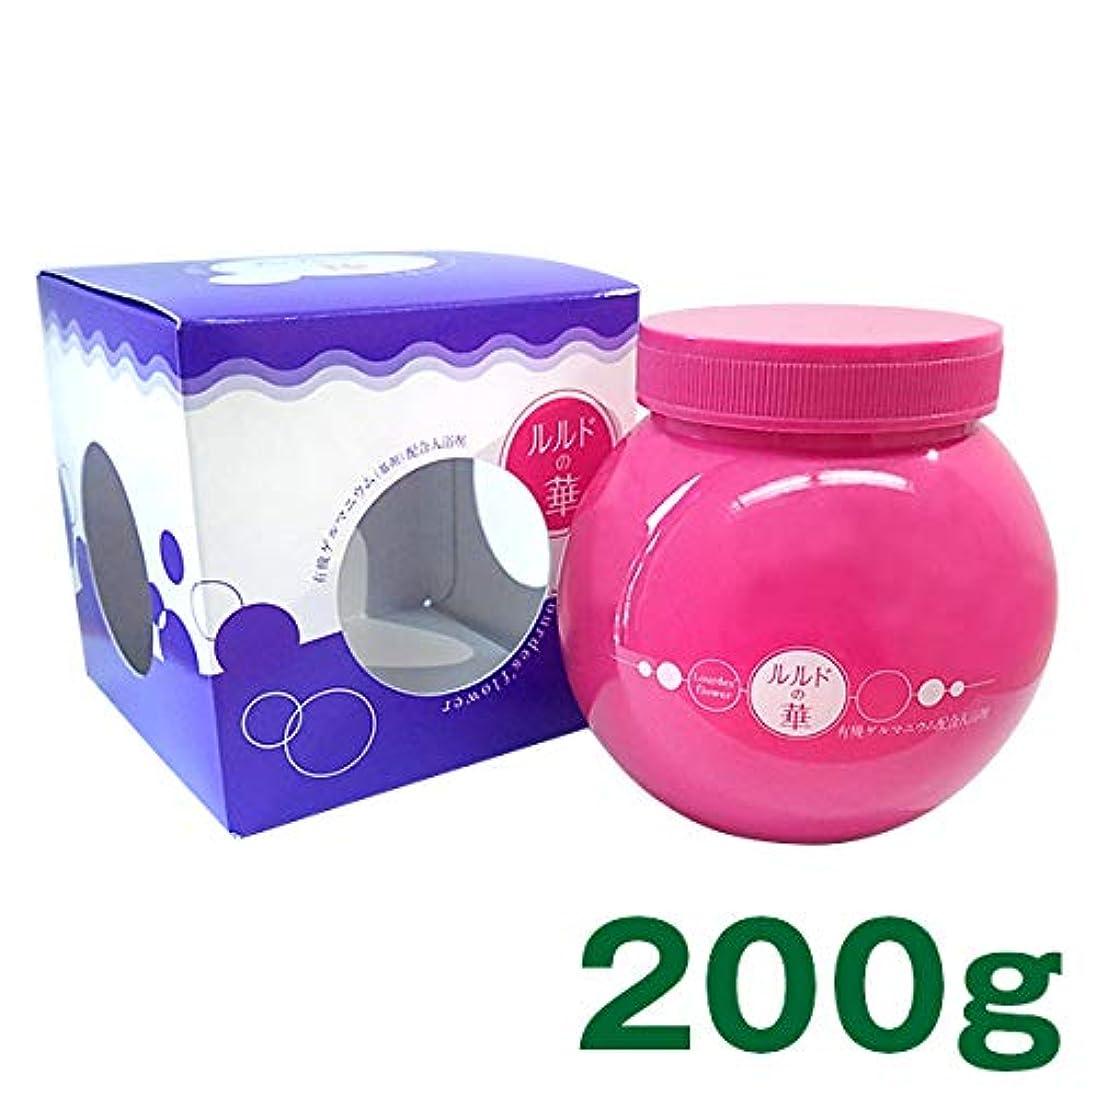 南西否定するライトニング有機ゲルマニウム8.0%配合入浴剤【ルルドの華(ボトル)】200g